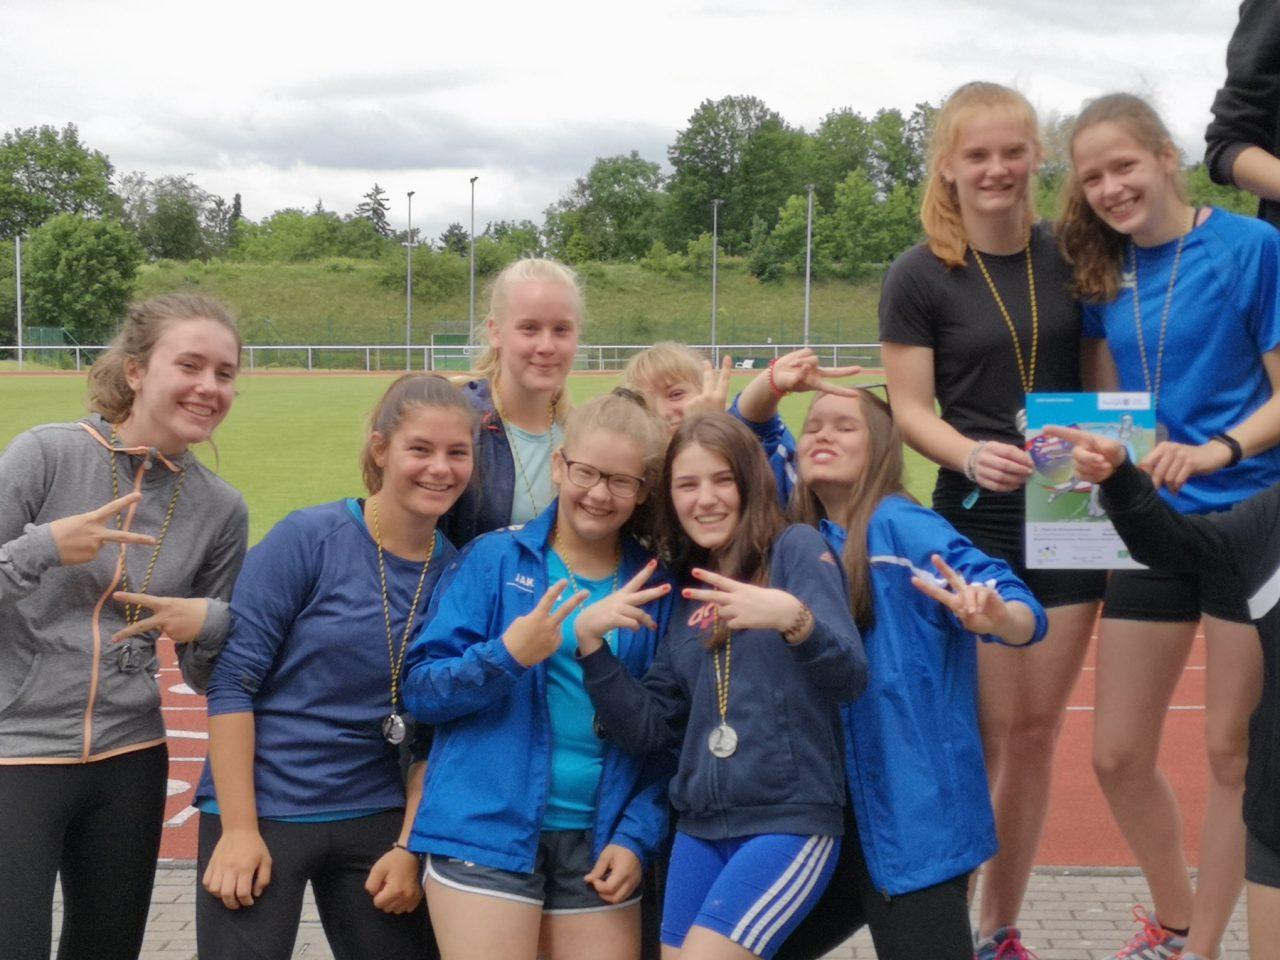 JtfO – Leichtathletik – Schulamtsfinale in Arnstadt 2. Runde erfolgreich abgeschlossen